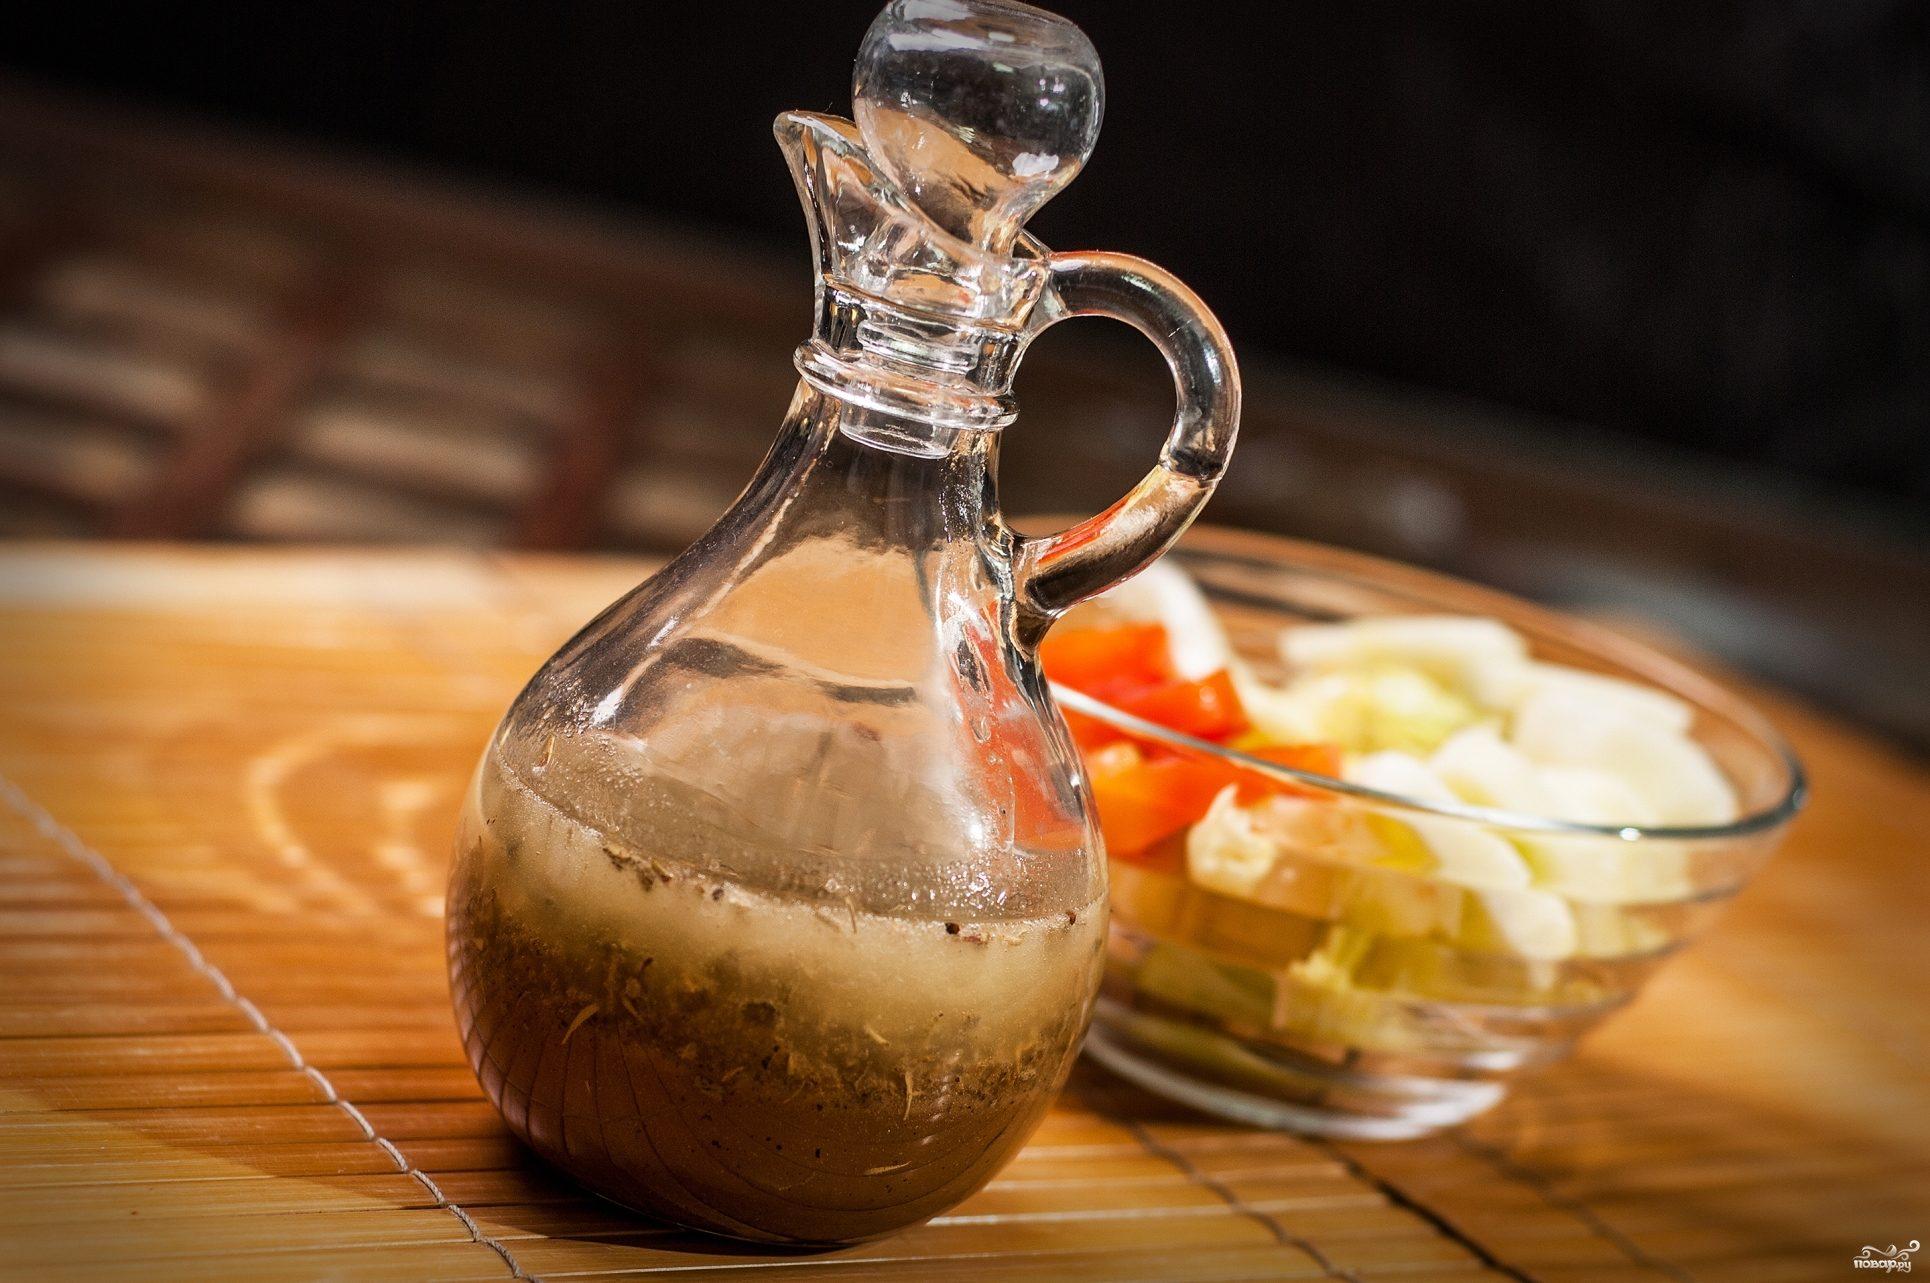 Заправка для салата с уксусом